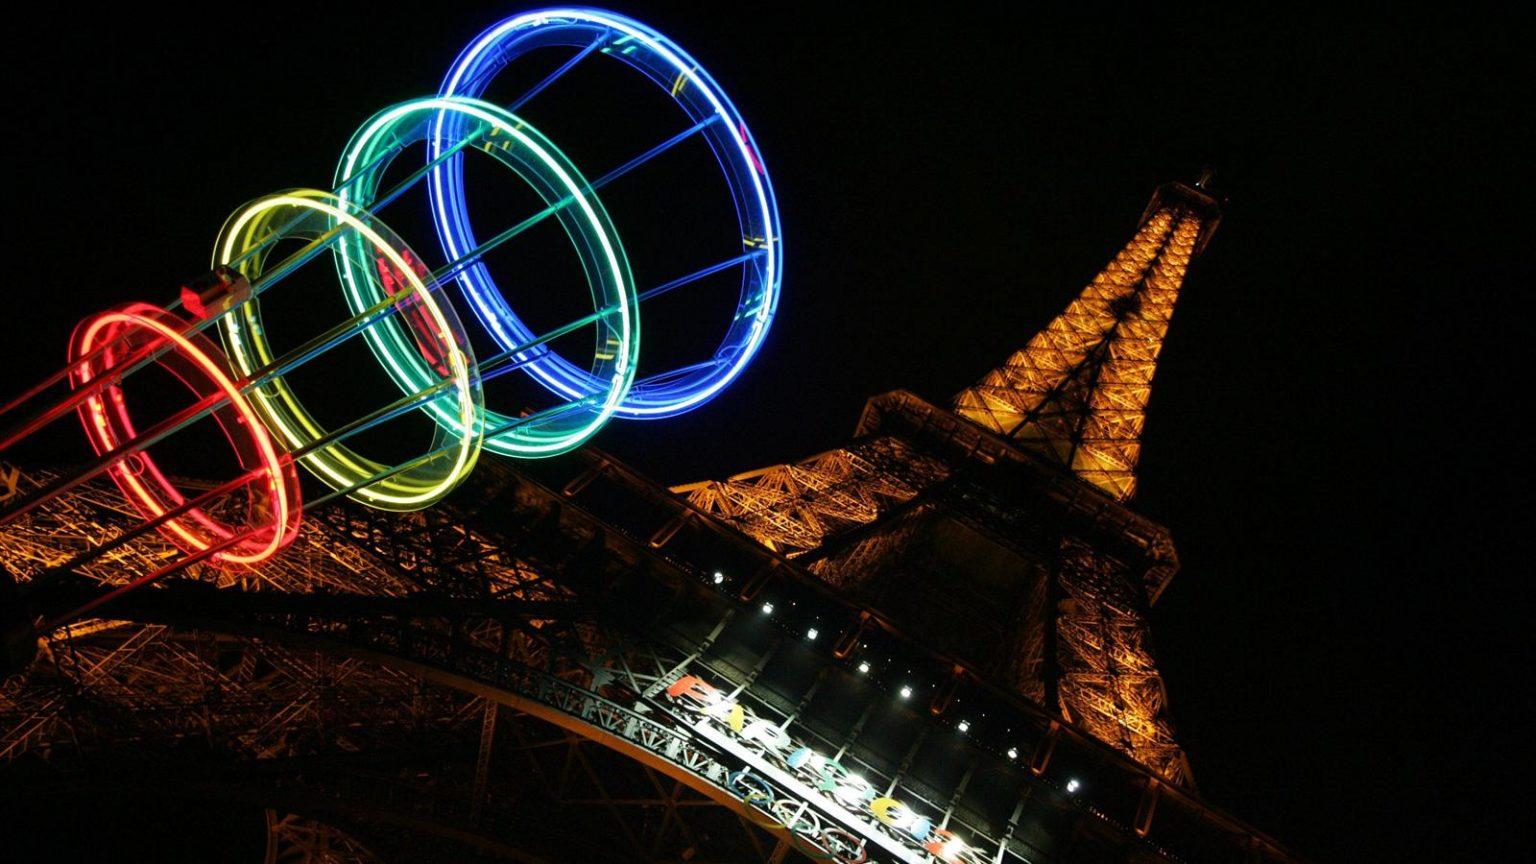 L'organisation des Jeux Olympiques soumis à l'approbation des citoyens ?